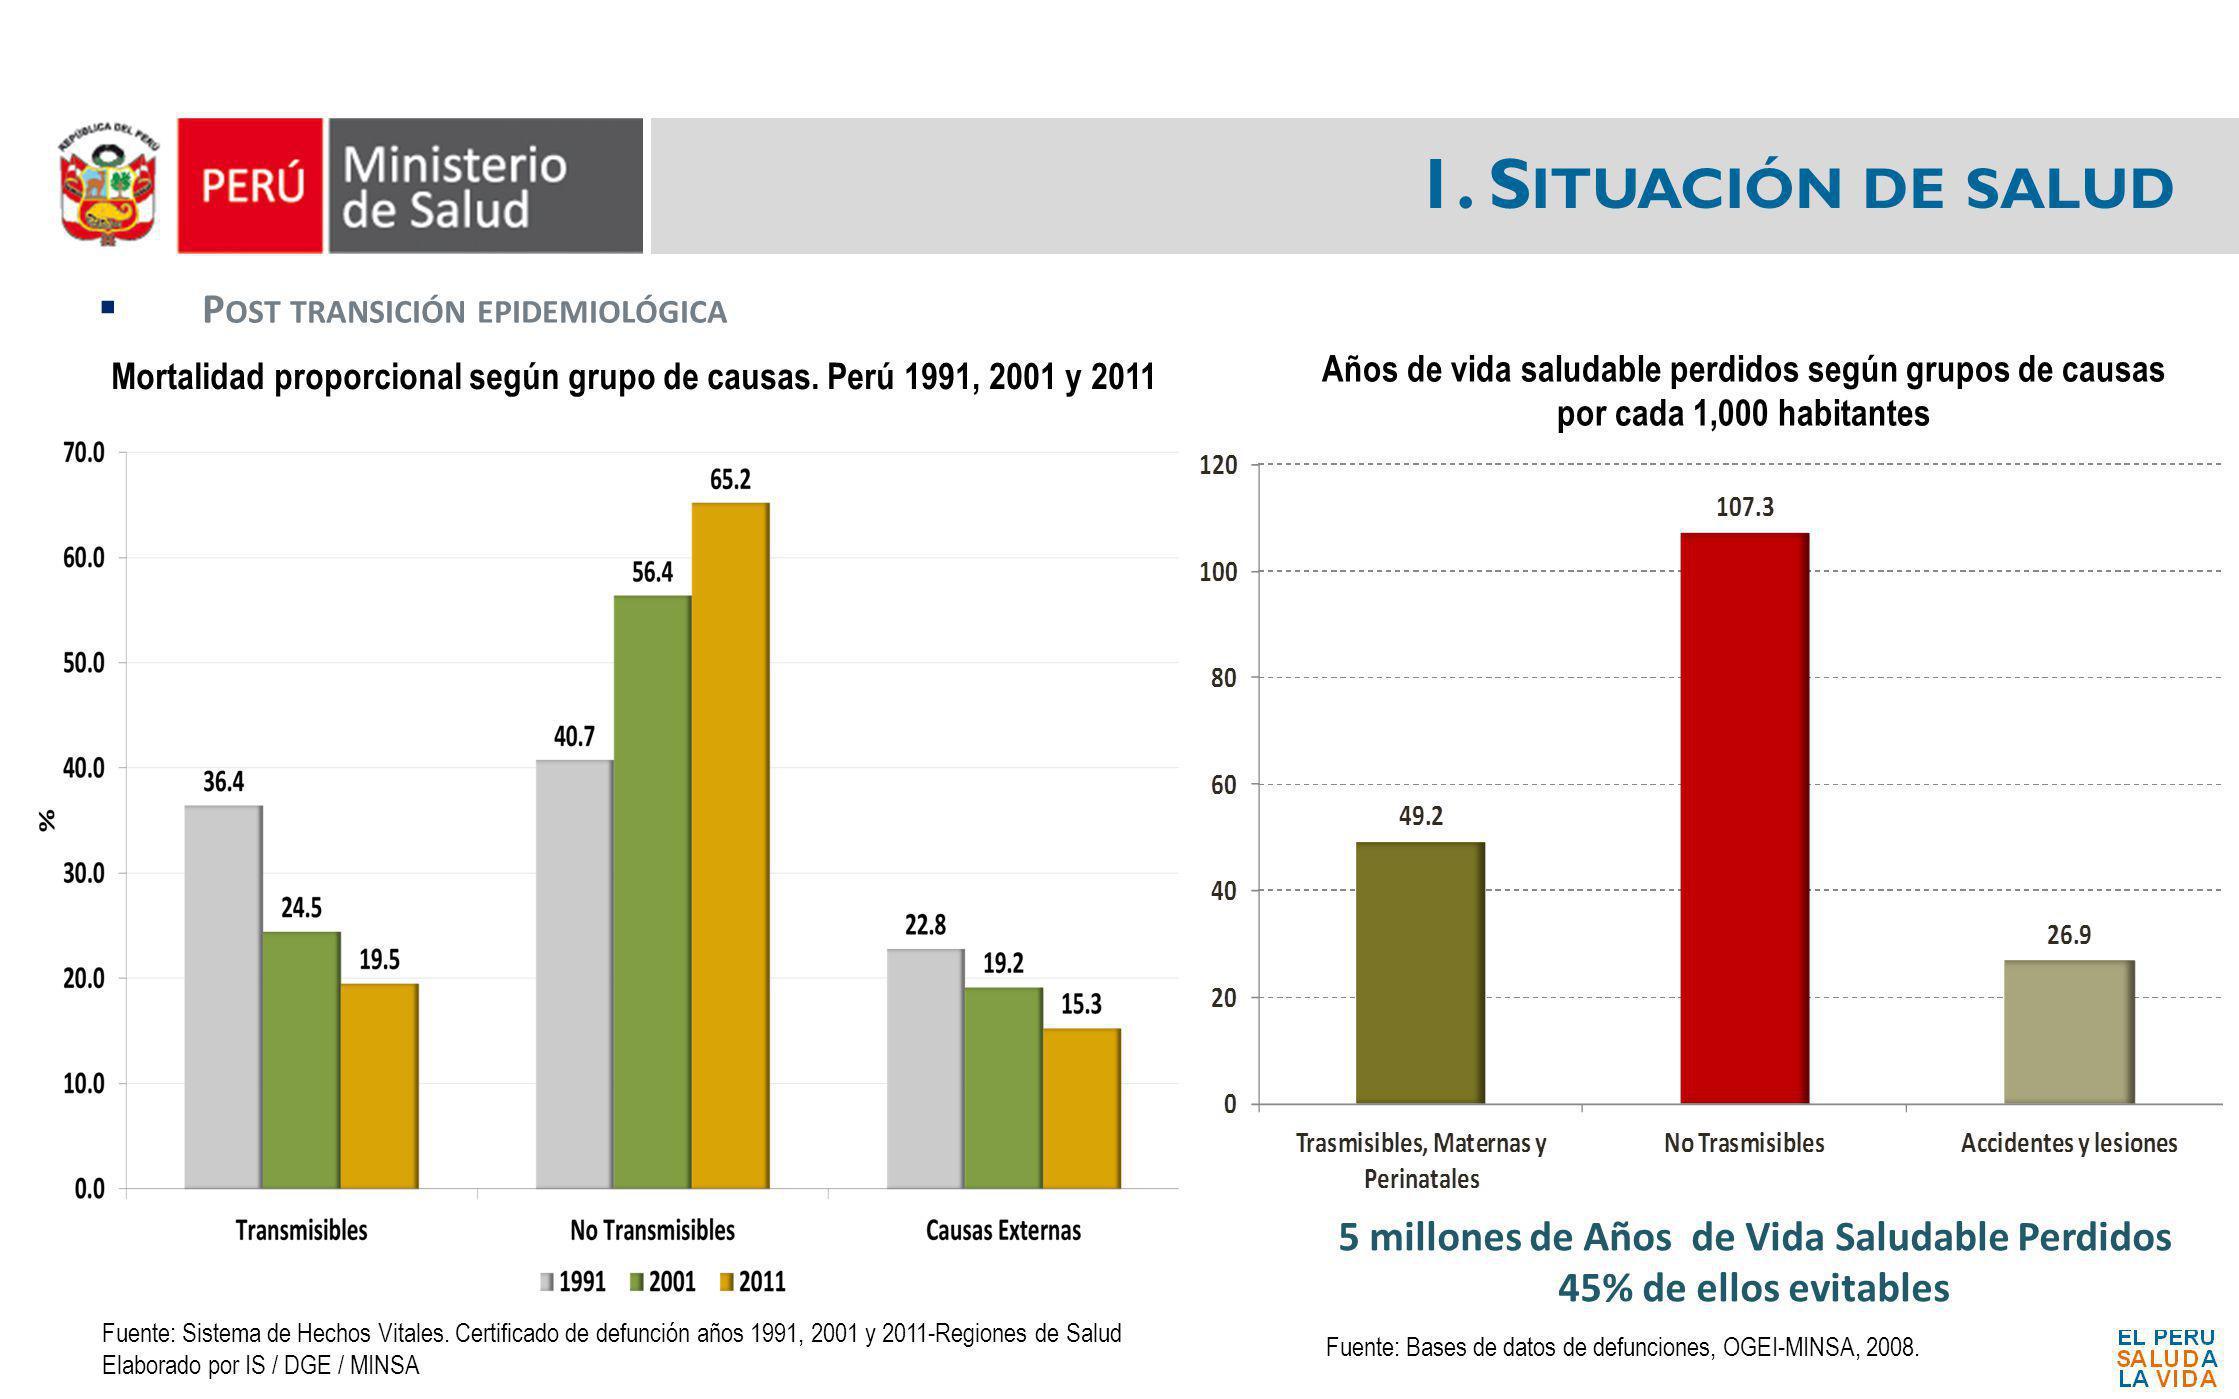 1.S ITUACIÓN DE SALUD Fuente: ENDES 1996, 2000 y 2012.